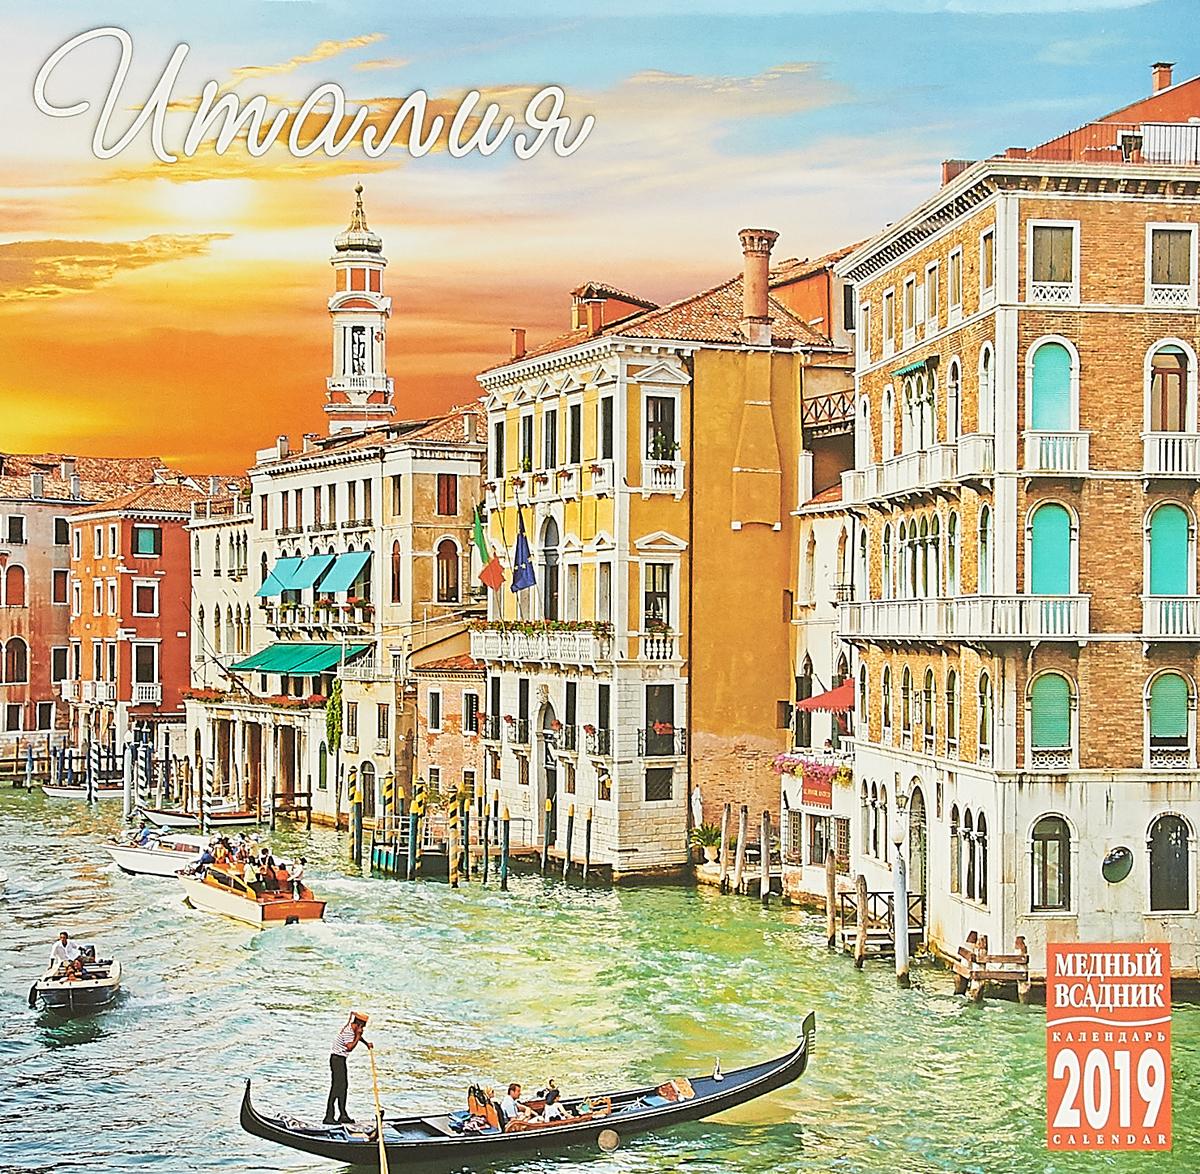 Календарь на спирали на 2019 год. Италия календарь 2018 на спирали венценосная семья